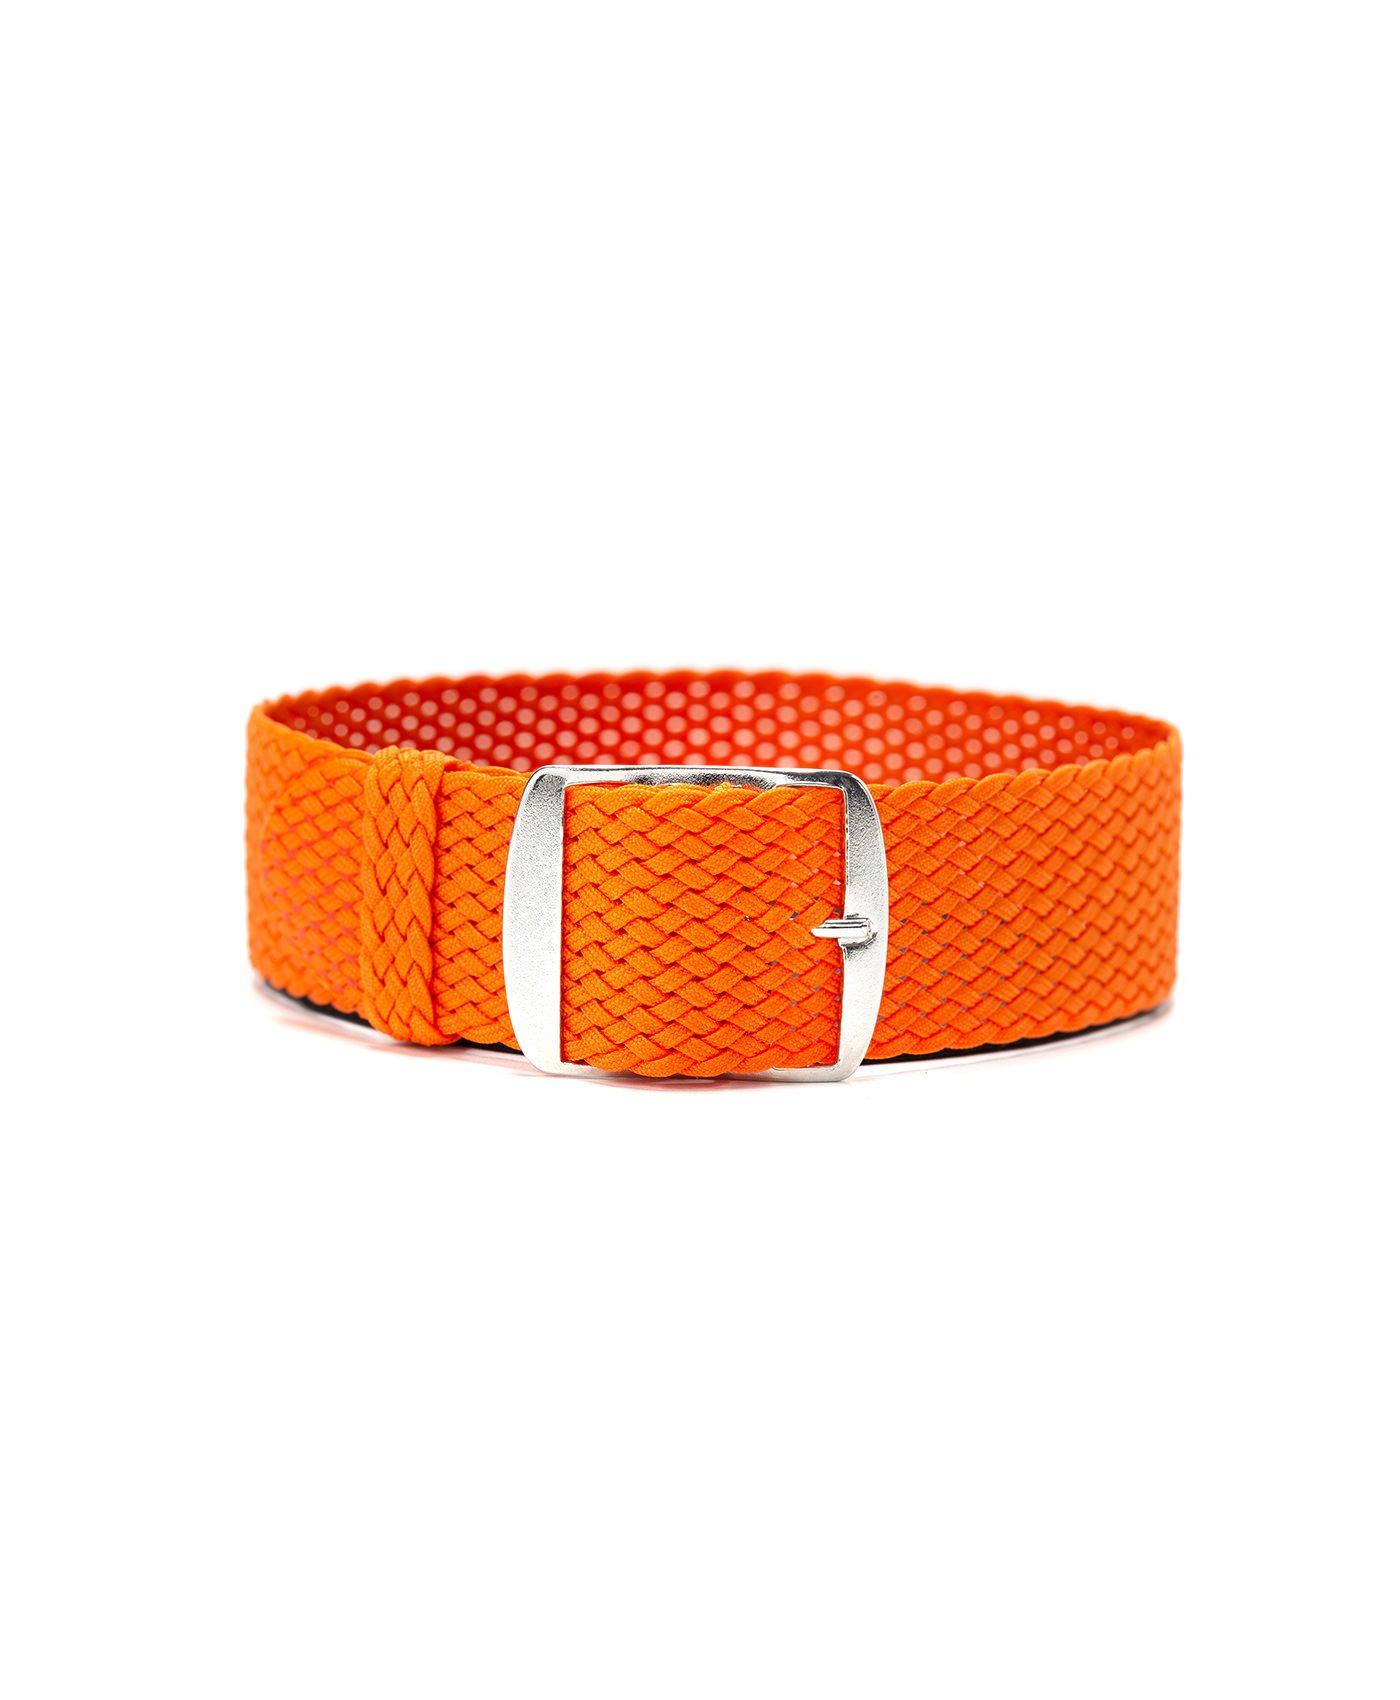 WB_Perlon_orange